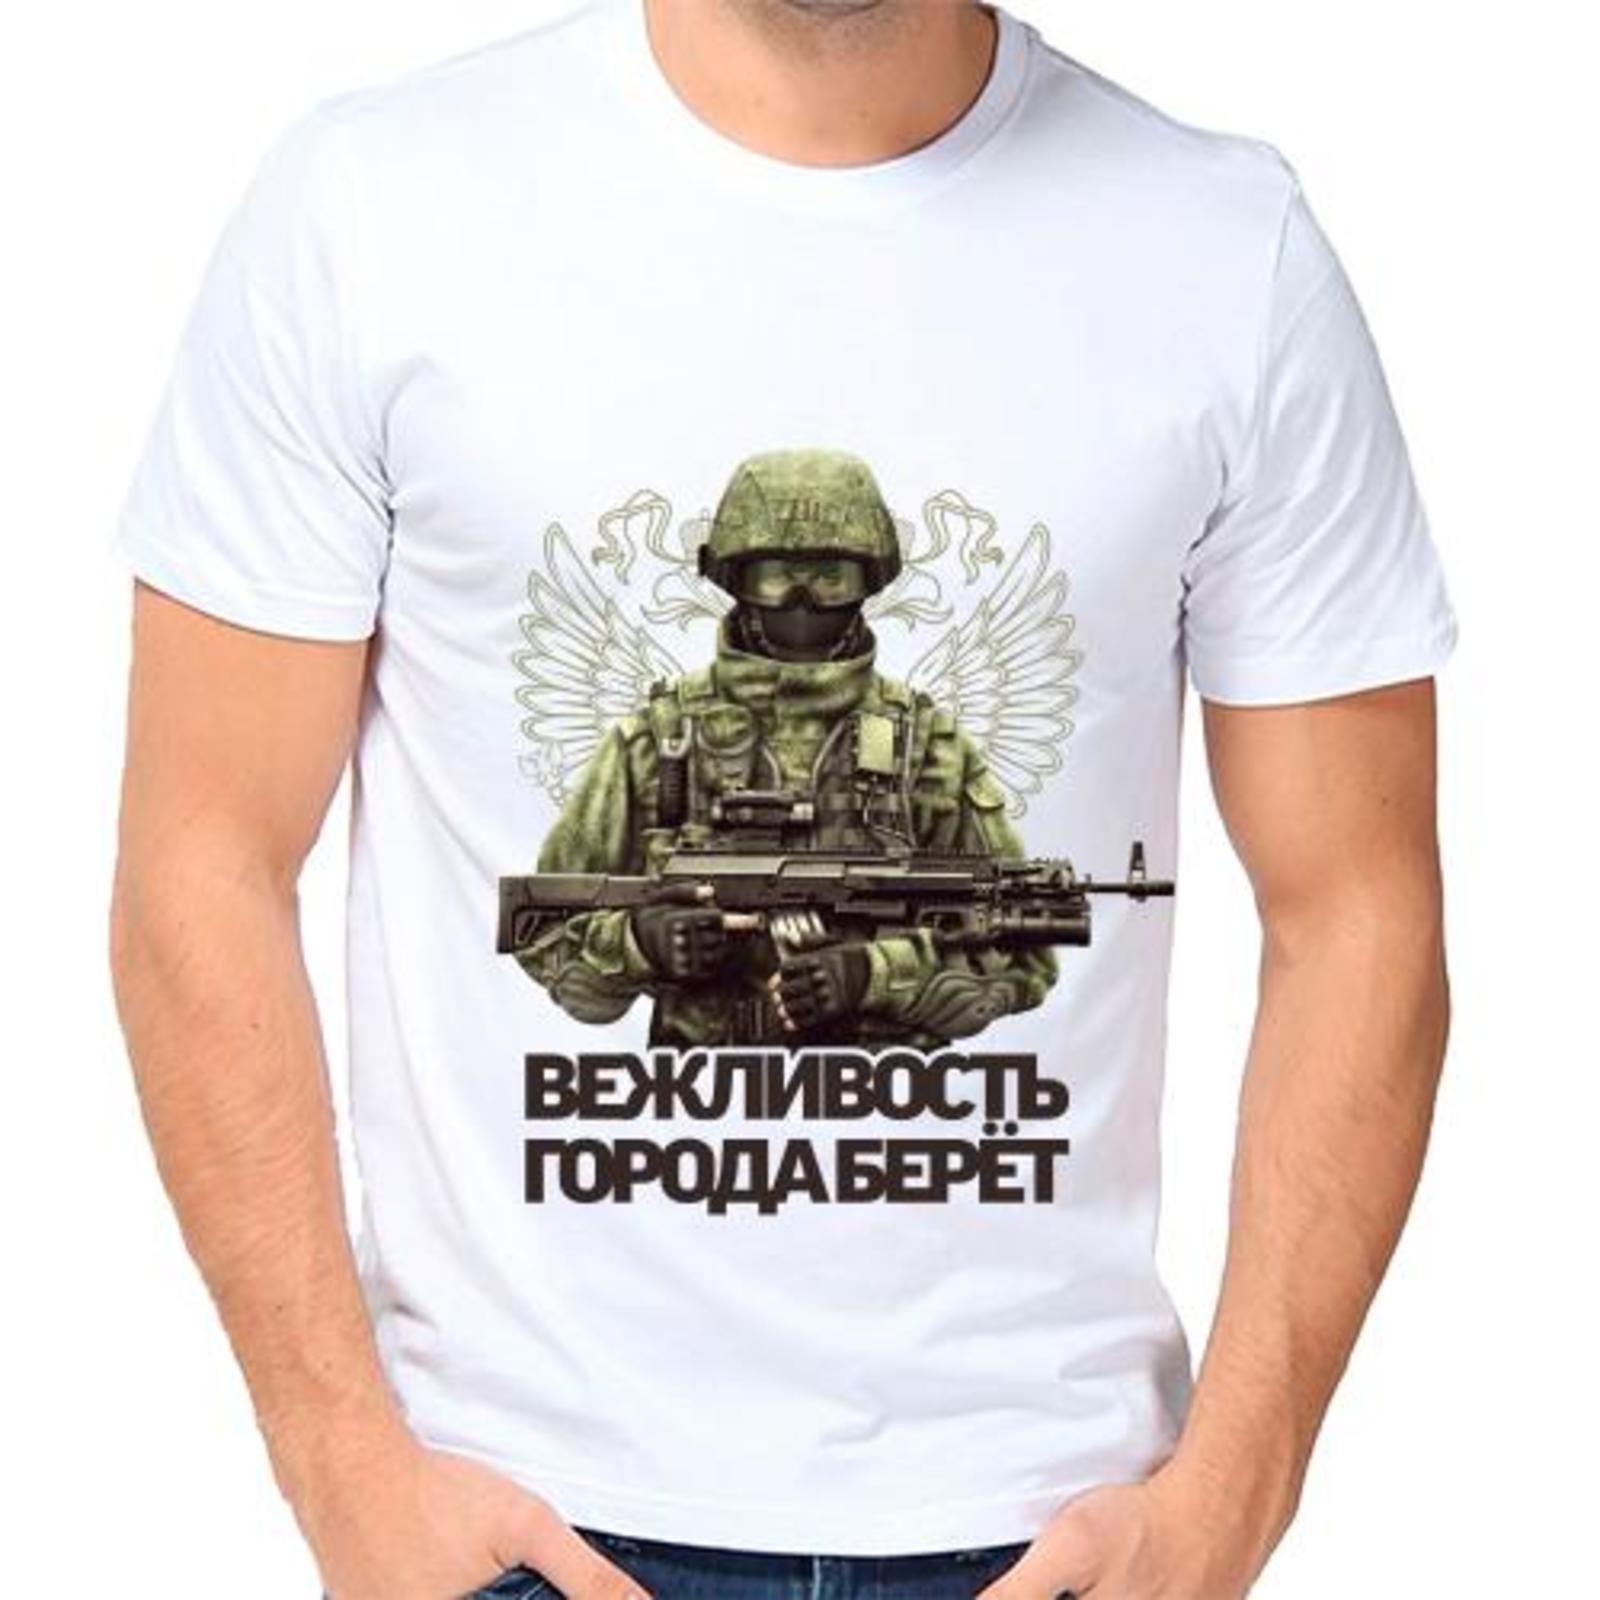 Camiseta masculina russa verão manga curta algodão impressão digital flora spetsnaz colete tshirt hip hop t streetwear